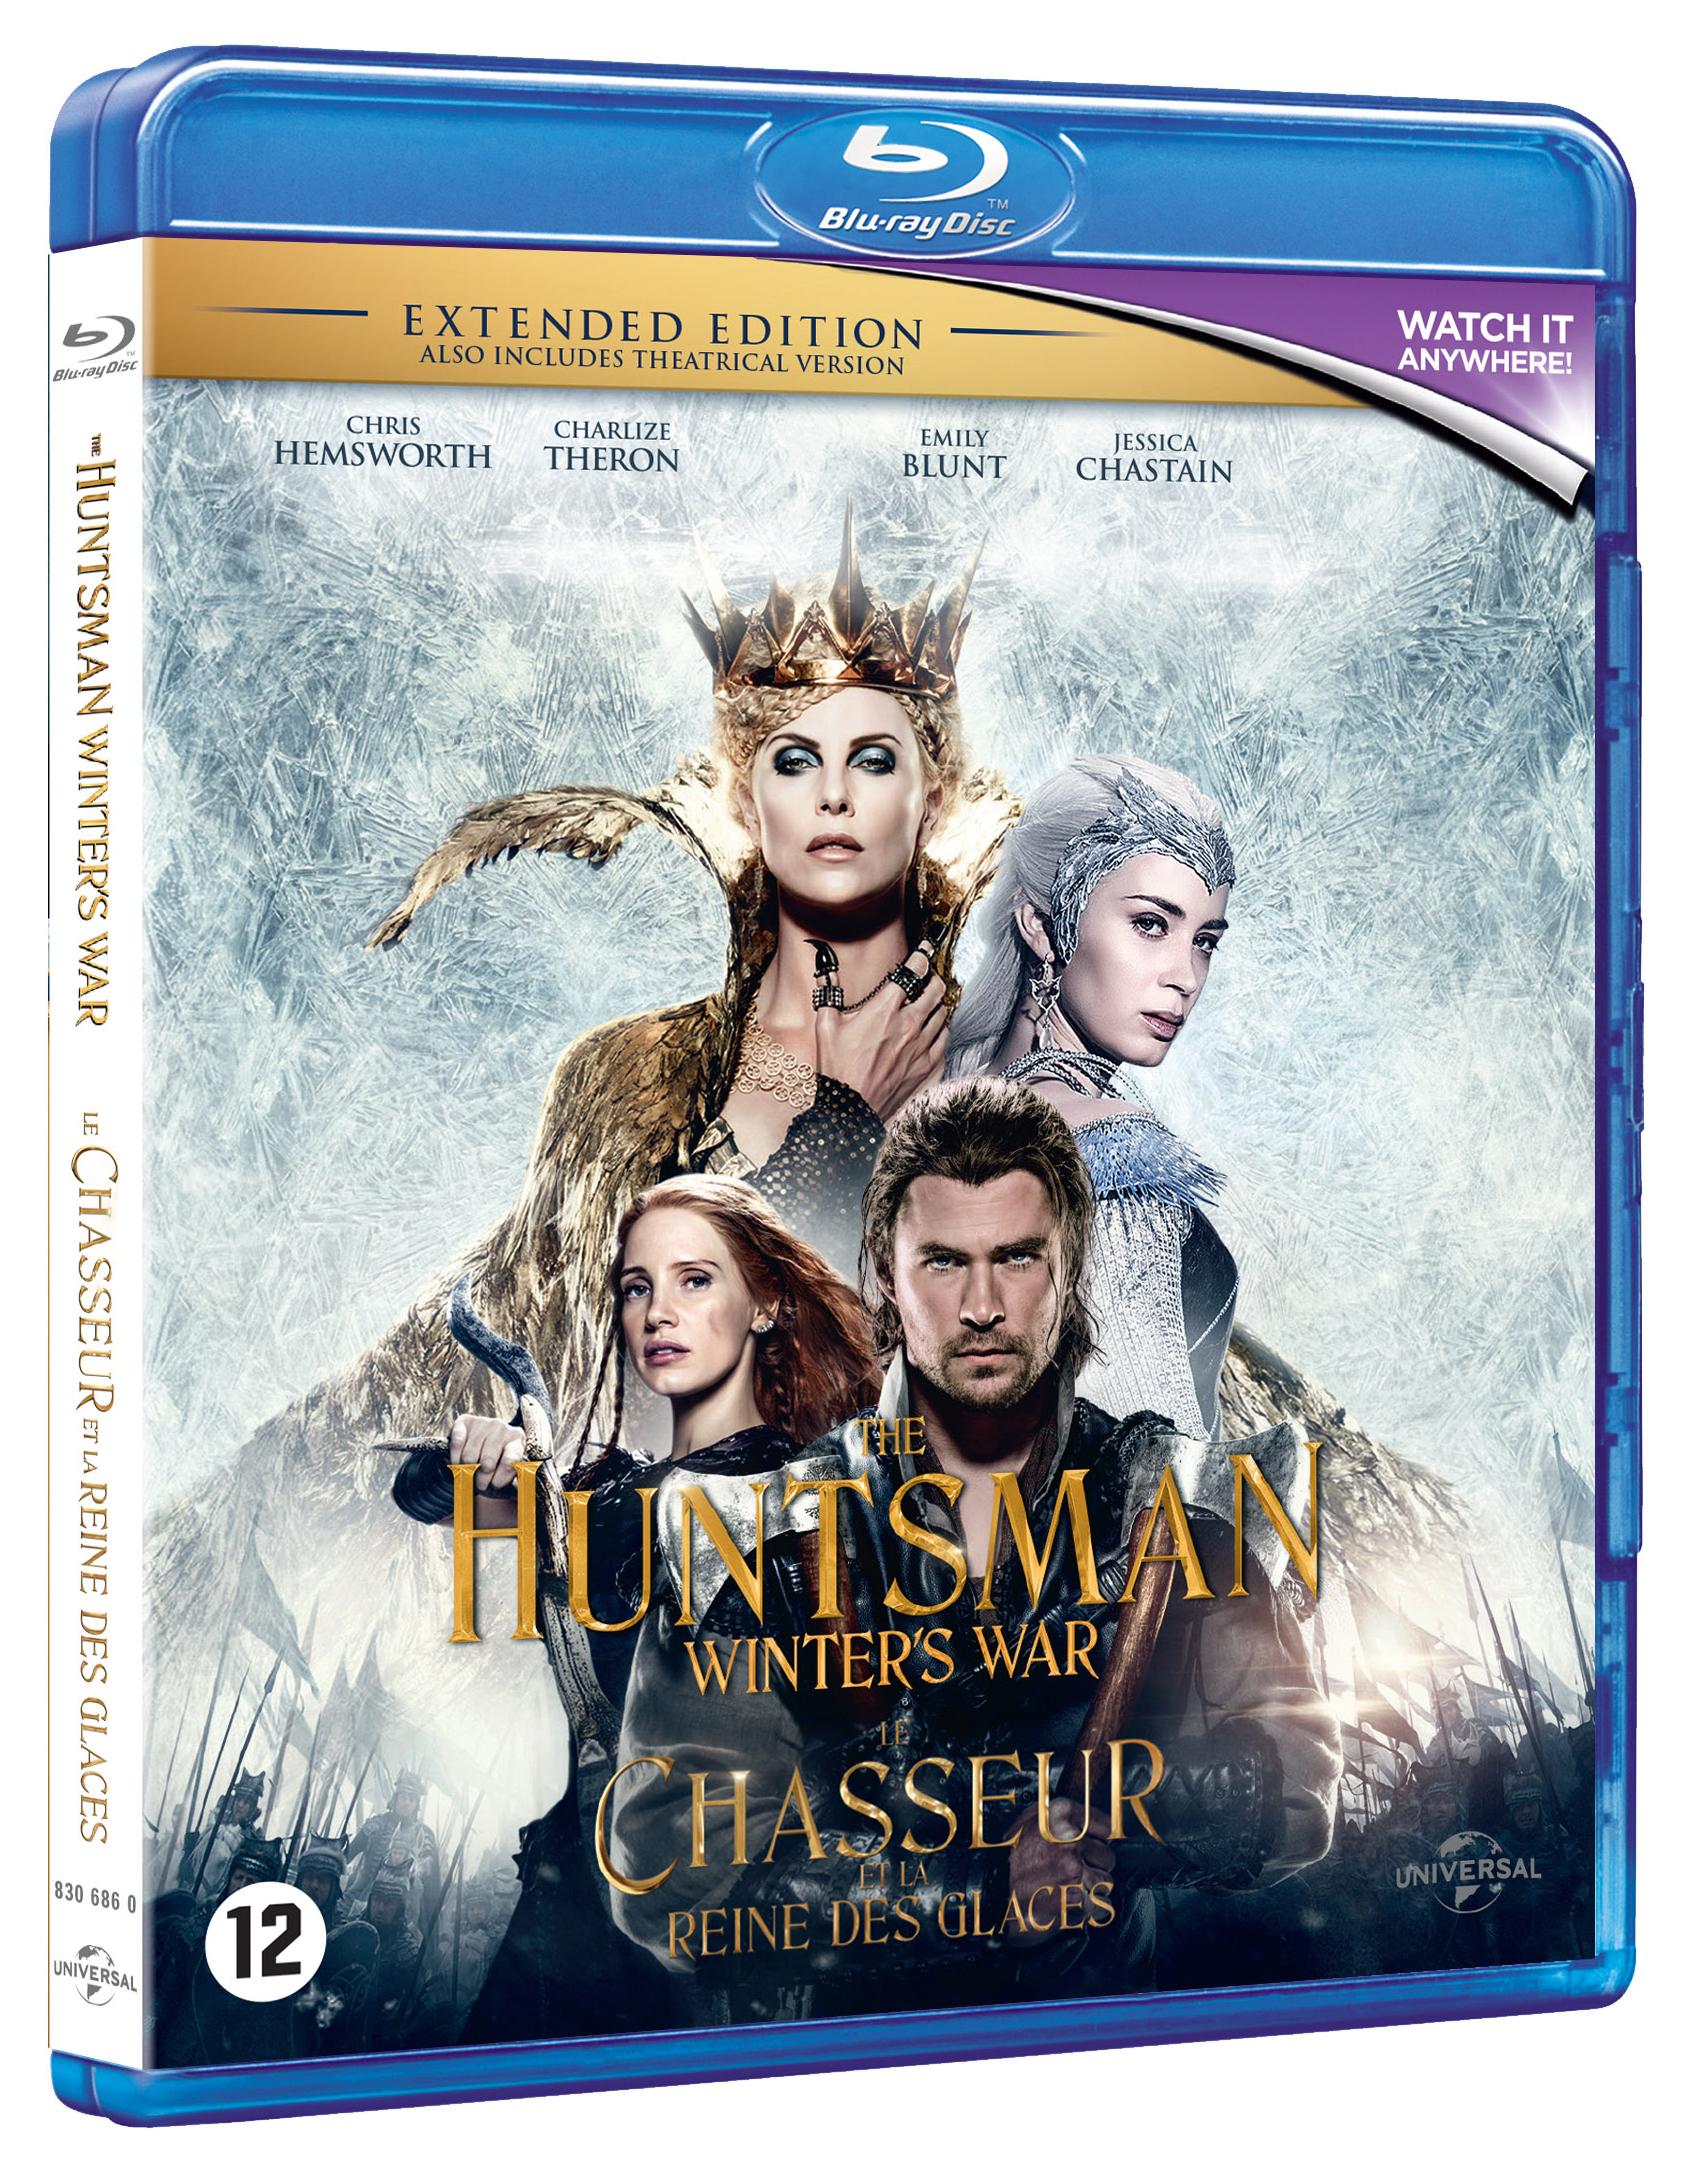 Test Blu Ray Le Chasseur Et La Reine Des Glaces Cinerama